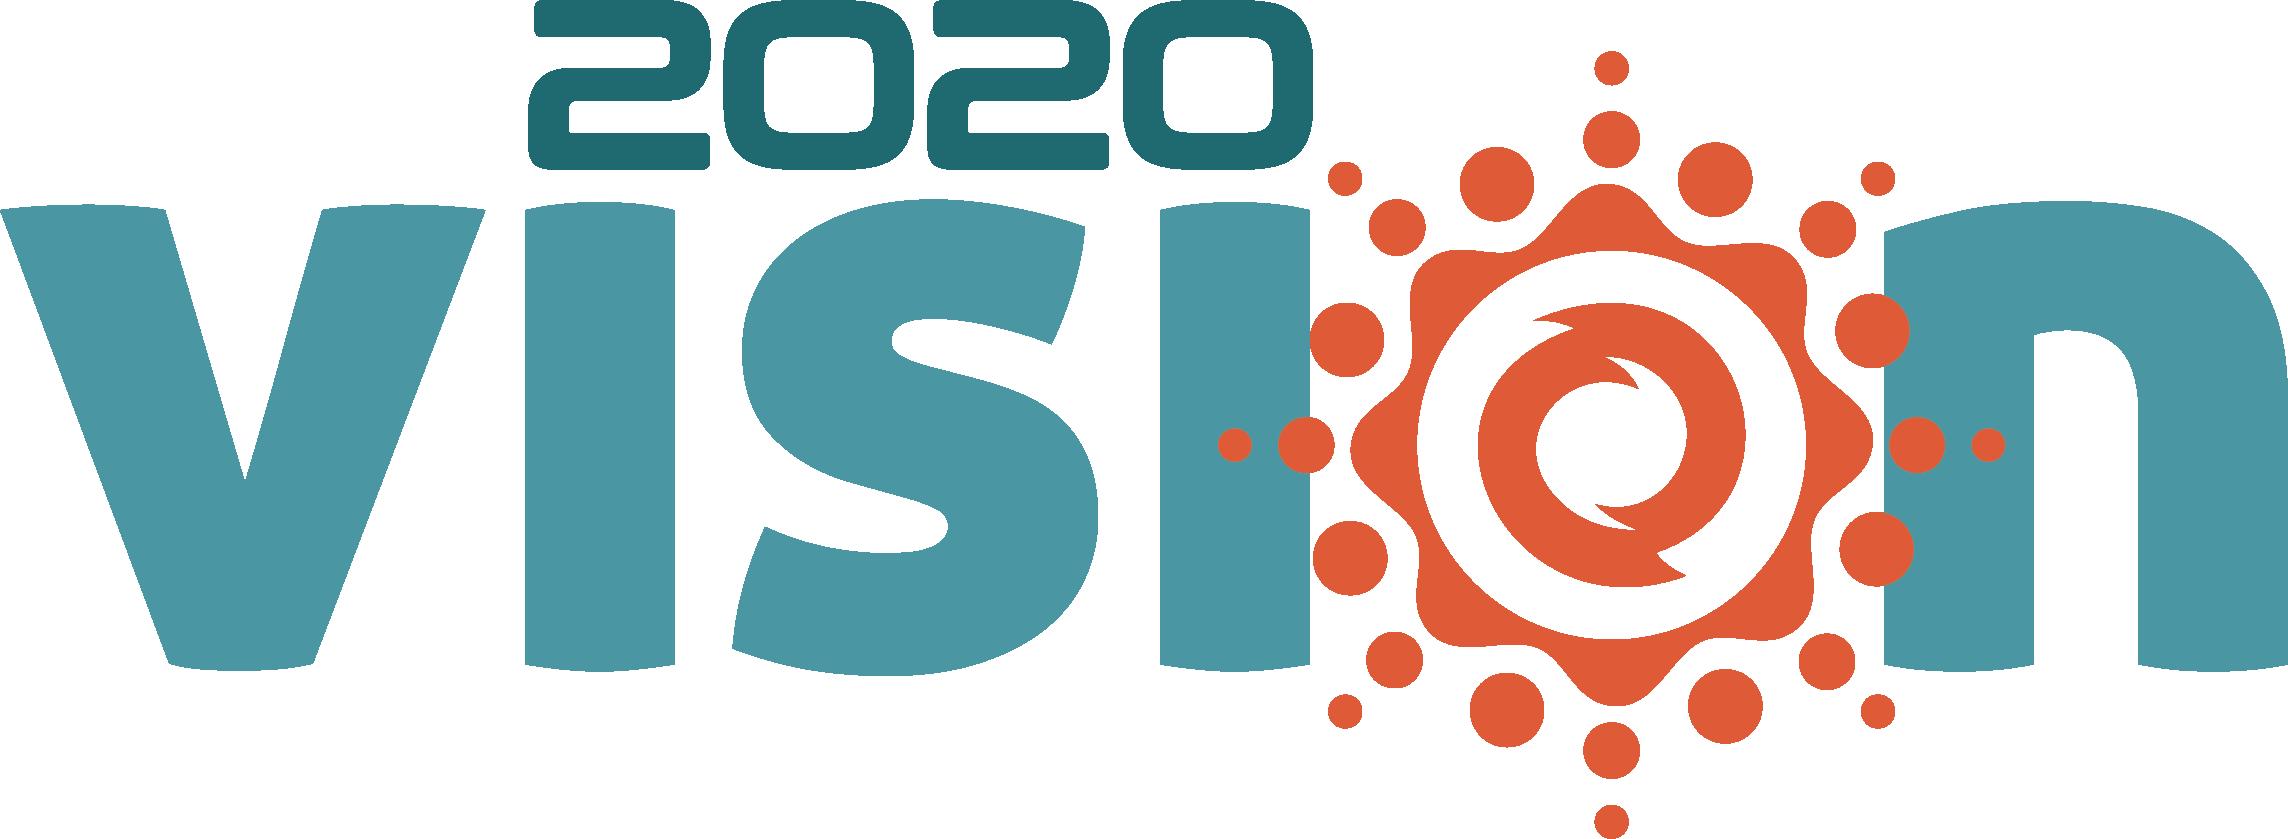 2020VisionLogo.png